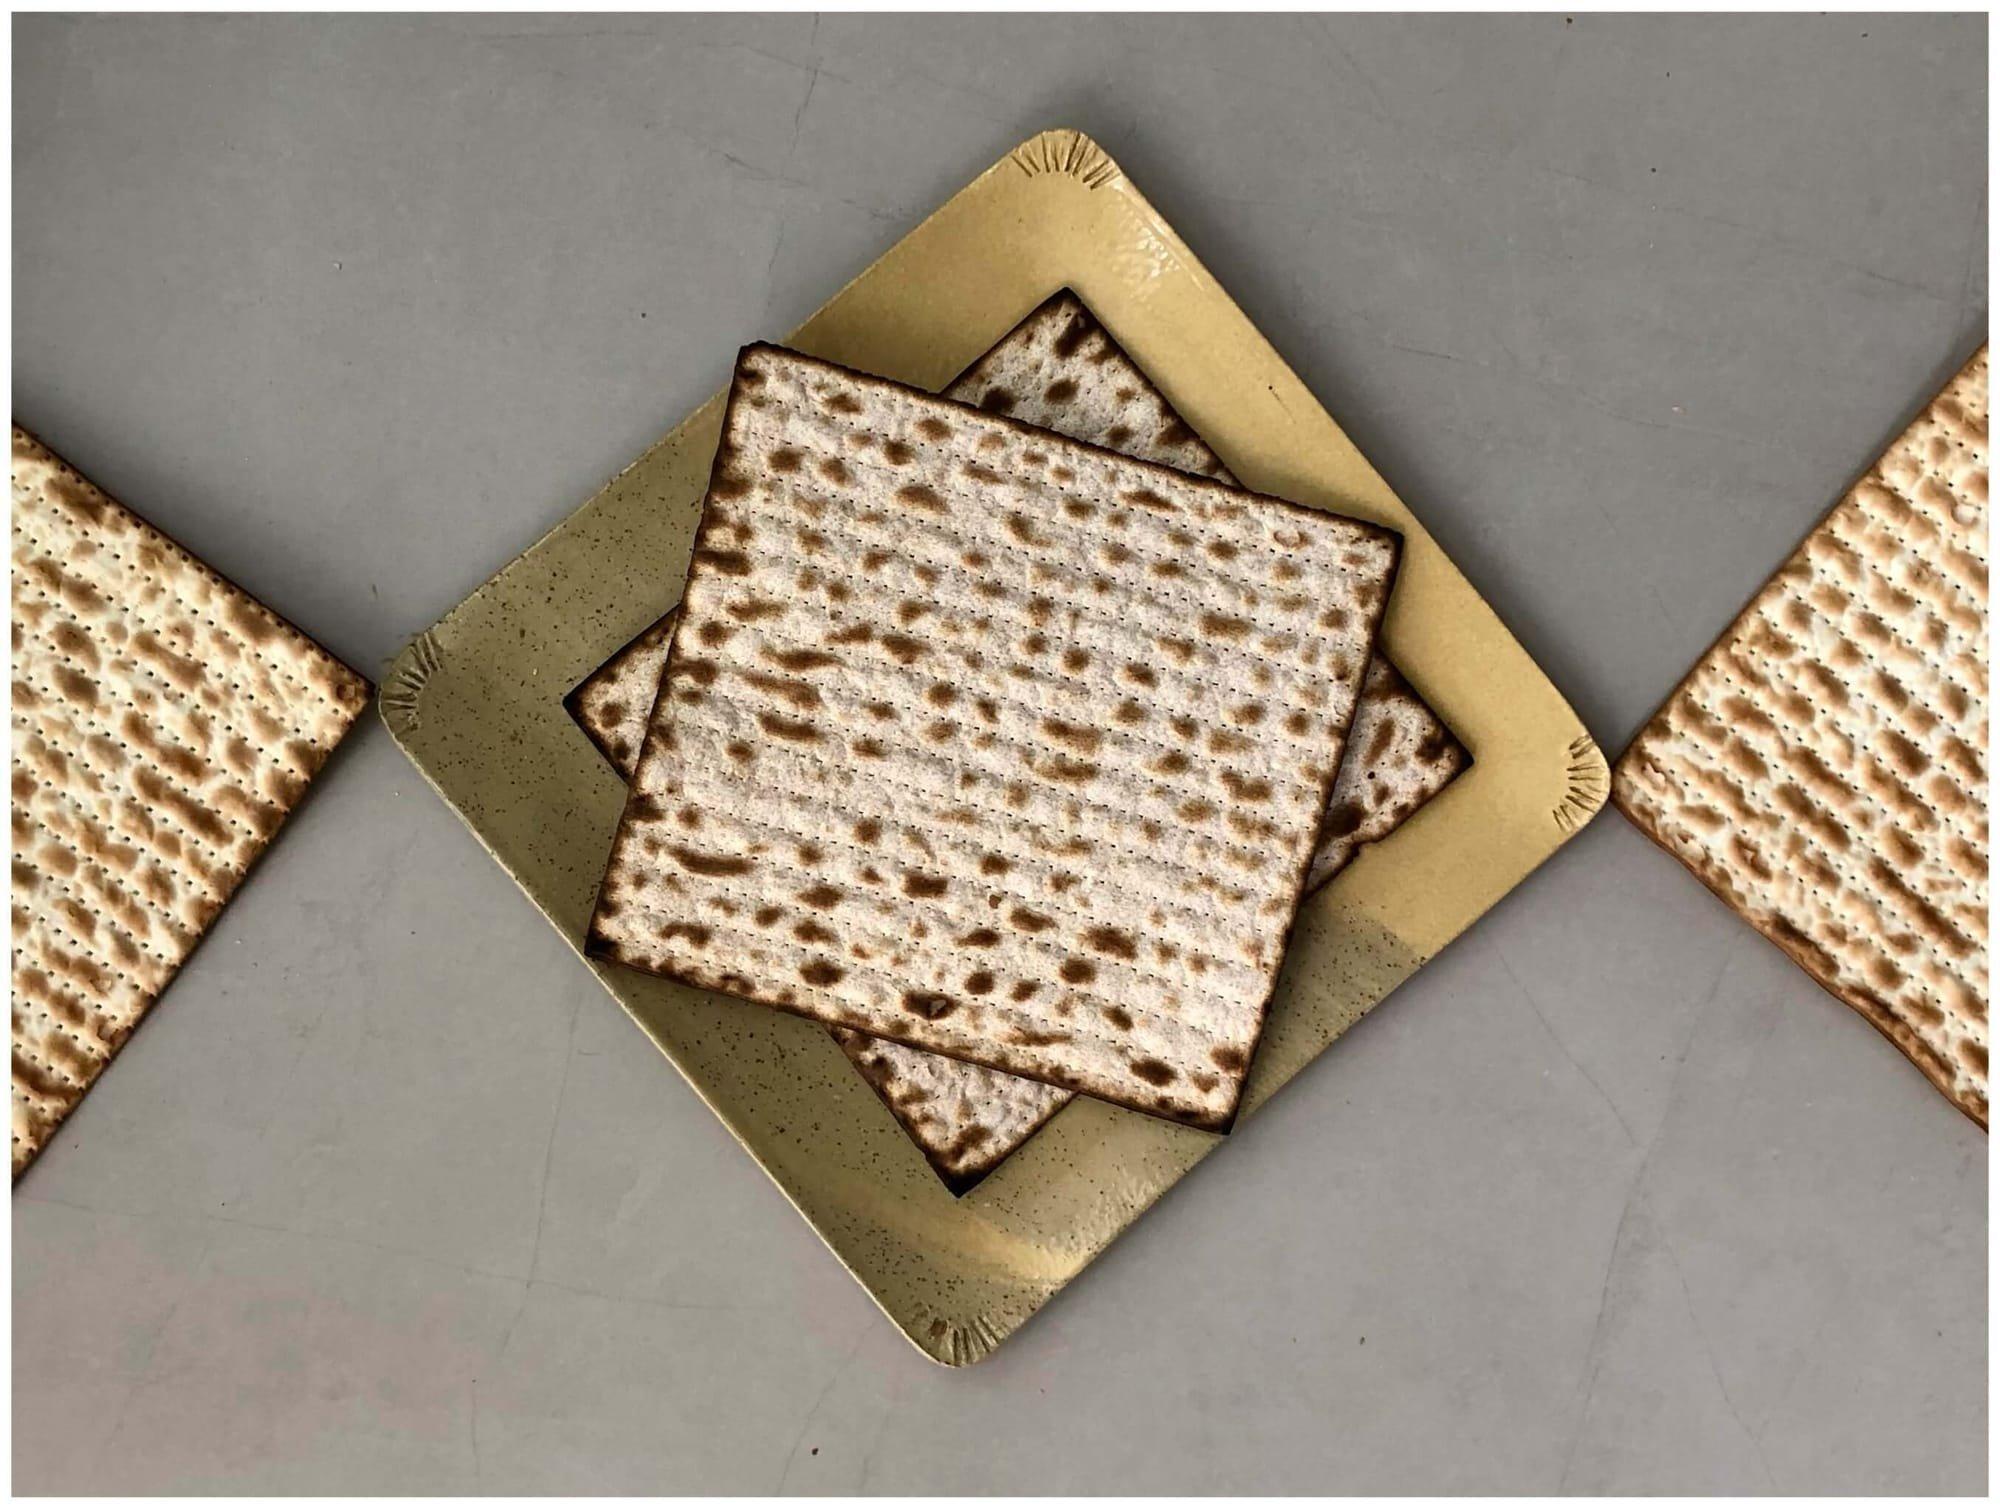 דינה גולני, דינגו קרמיקה בעבודת יד, מגש מרובע ביג לסושי, לחם חם, צלחת מצות לפסח